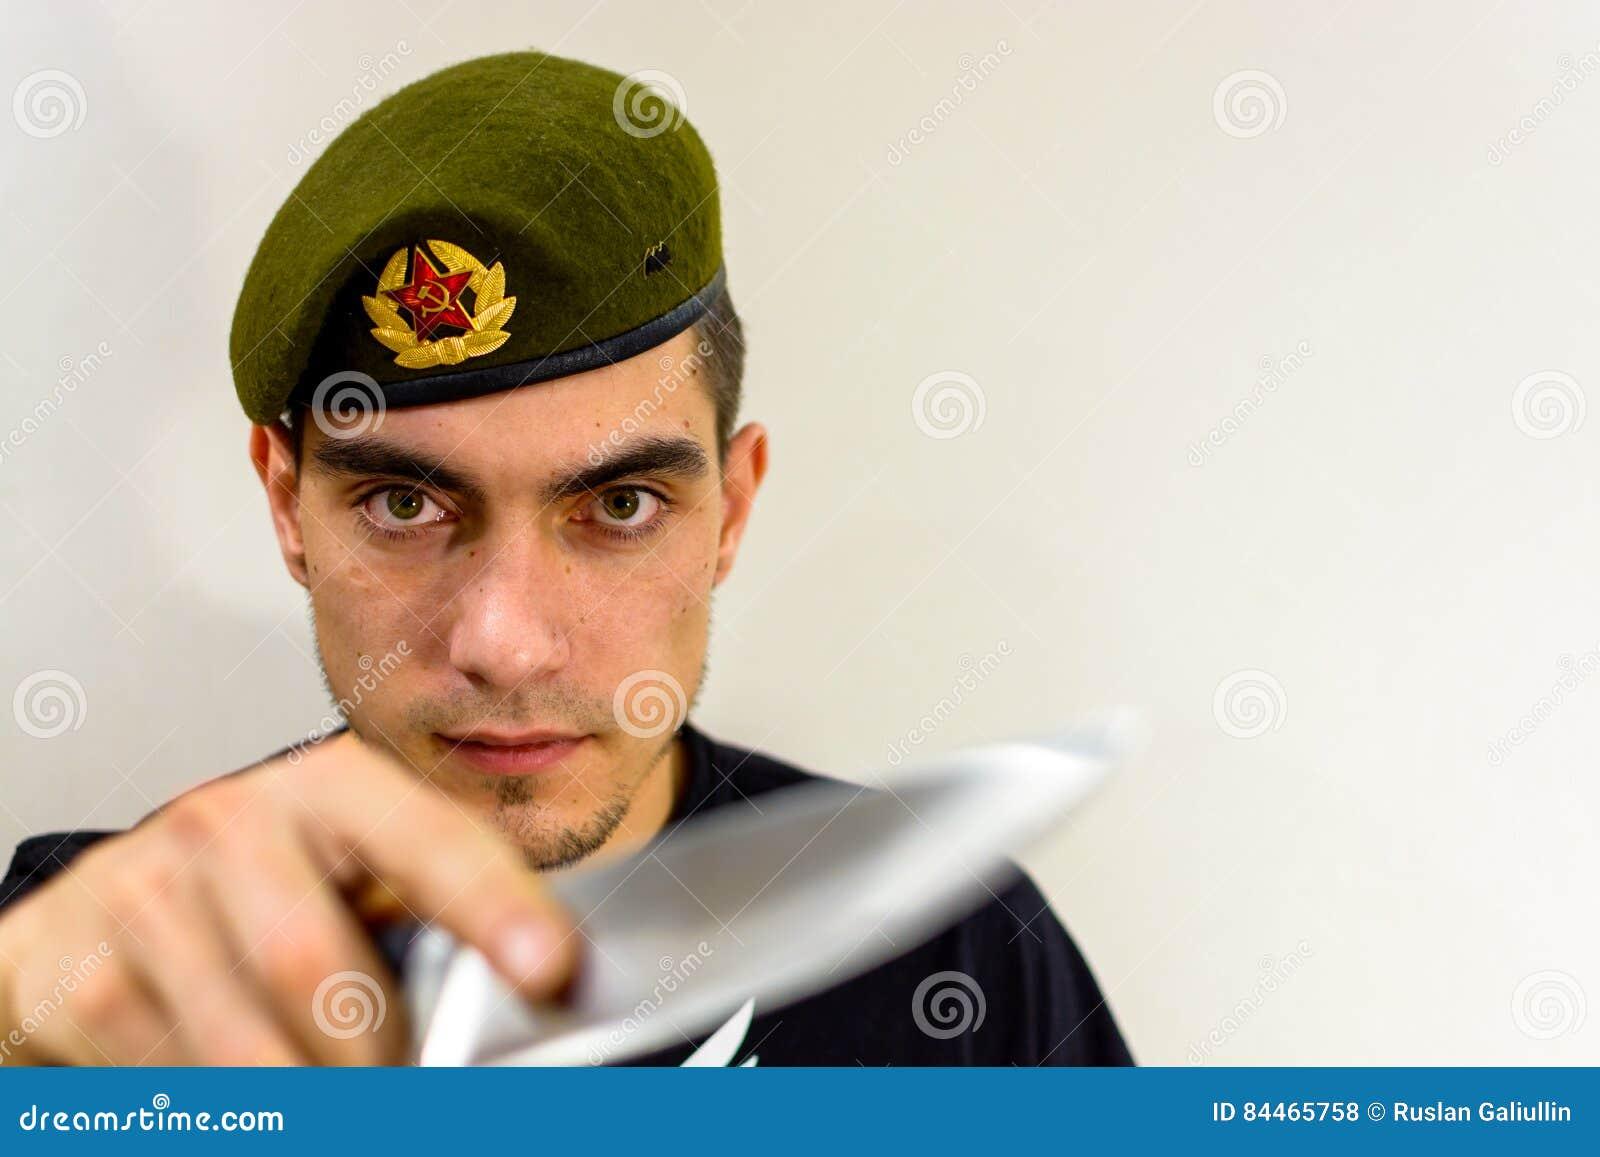 5b8a6397fa0c5 imágenes comunes del Boina Verde Militar - los derechos de la transferencia  directa el 678 liberan las fotos